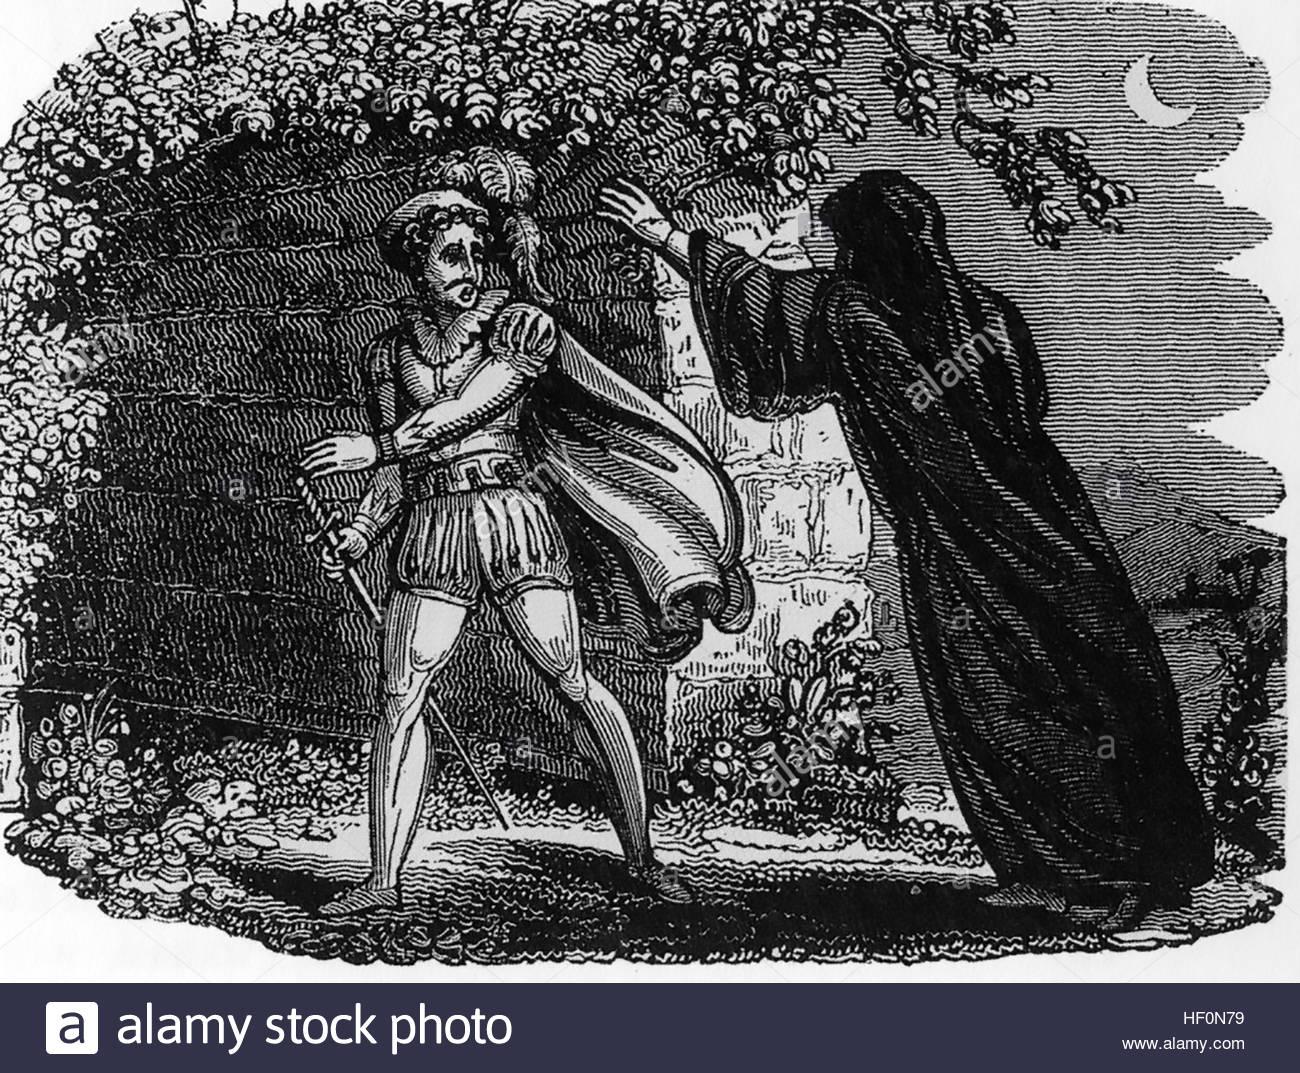 زنان داستانهای گوتیک را تحت سلطه خود درآوردند. ان ردکلیف با رمان «اسرار ادولفو» توانست رکورد بزند.